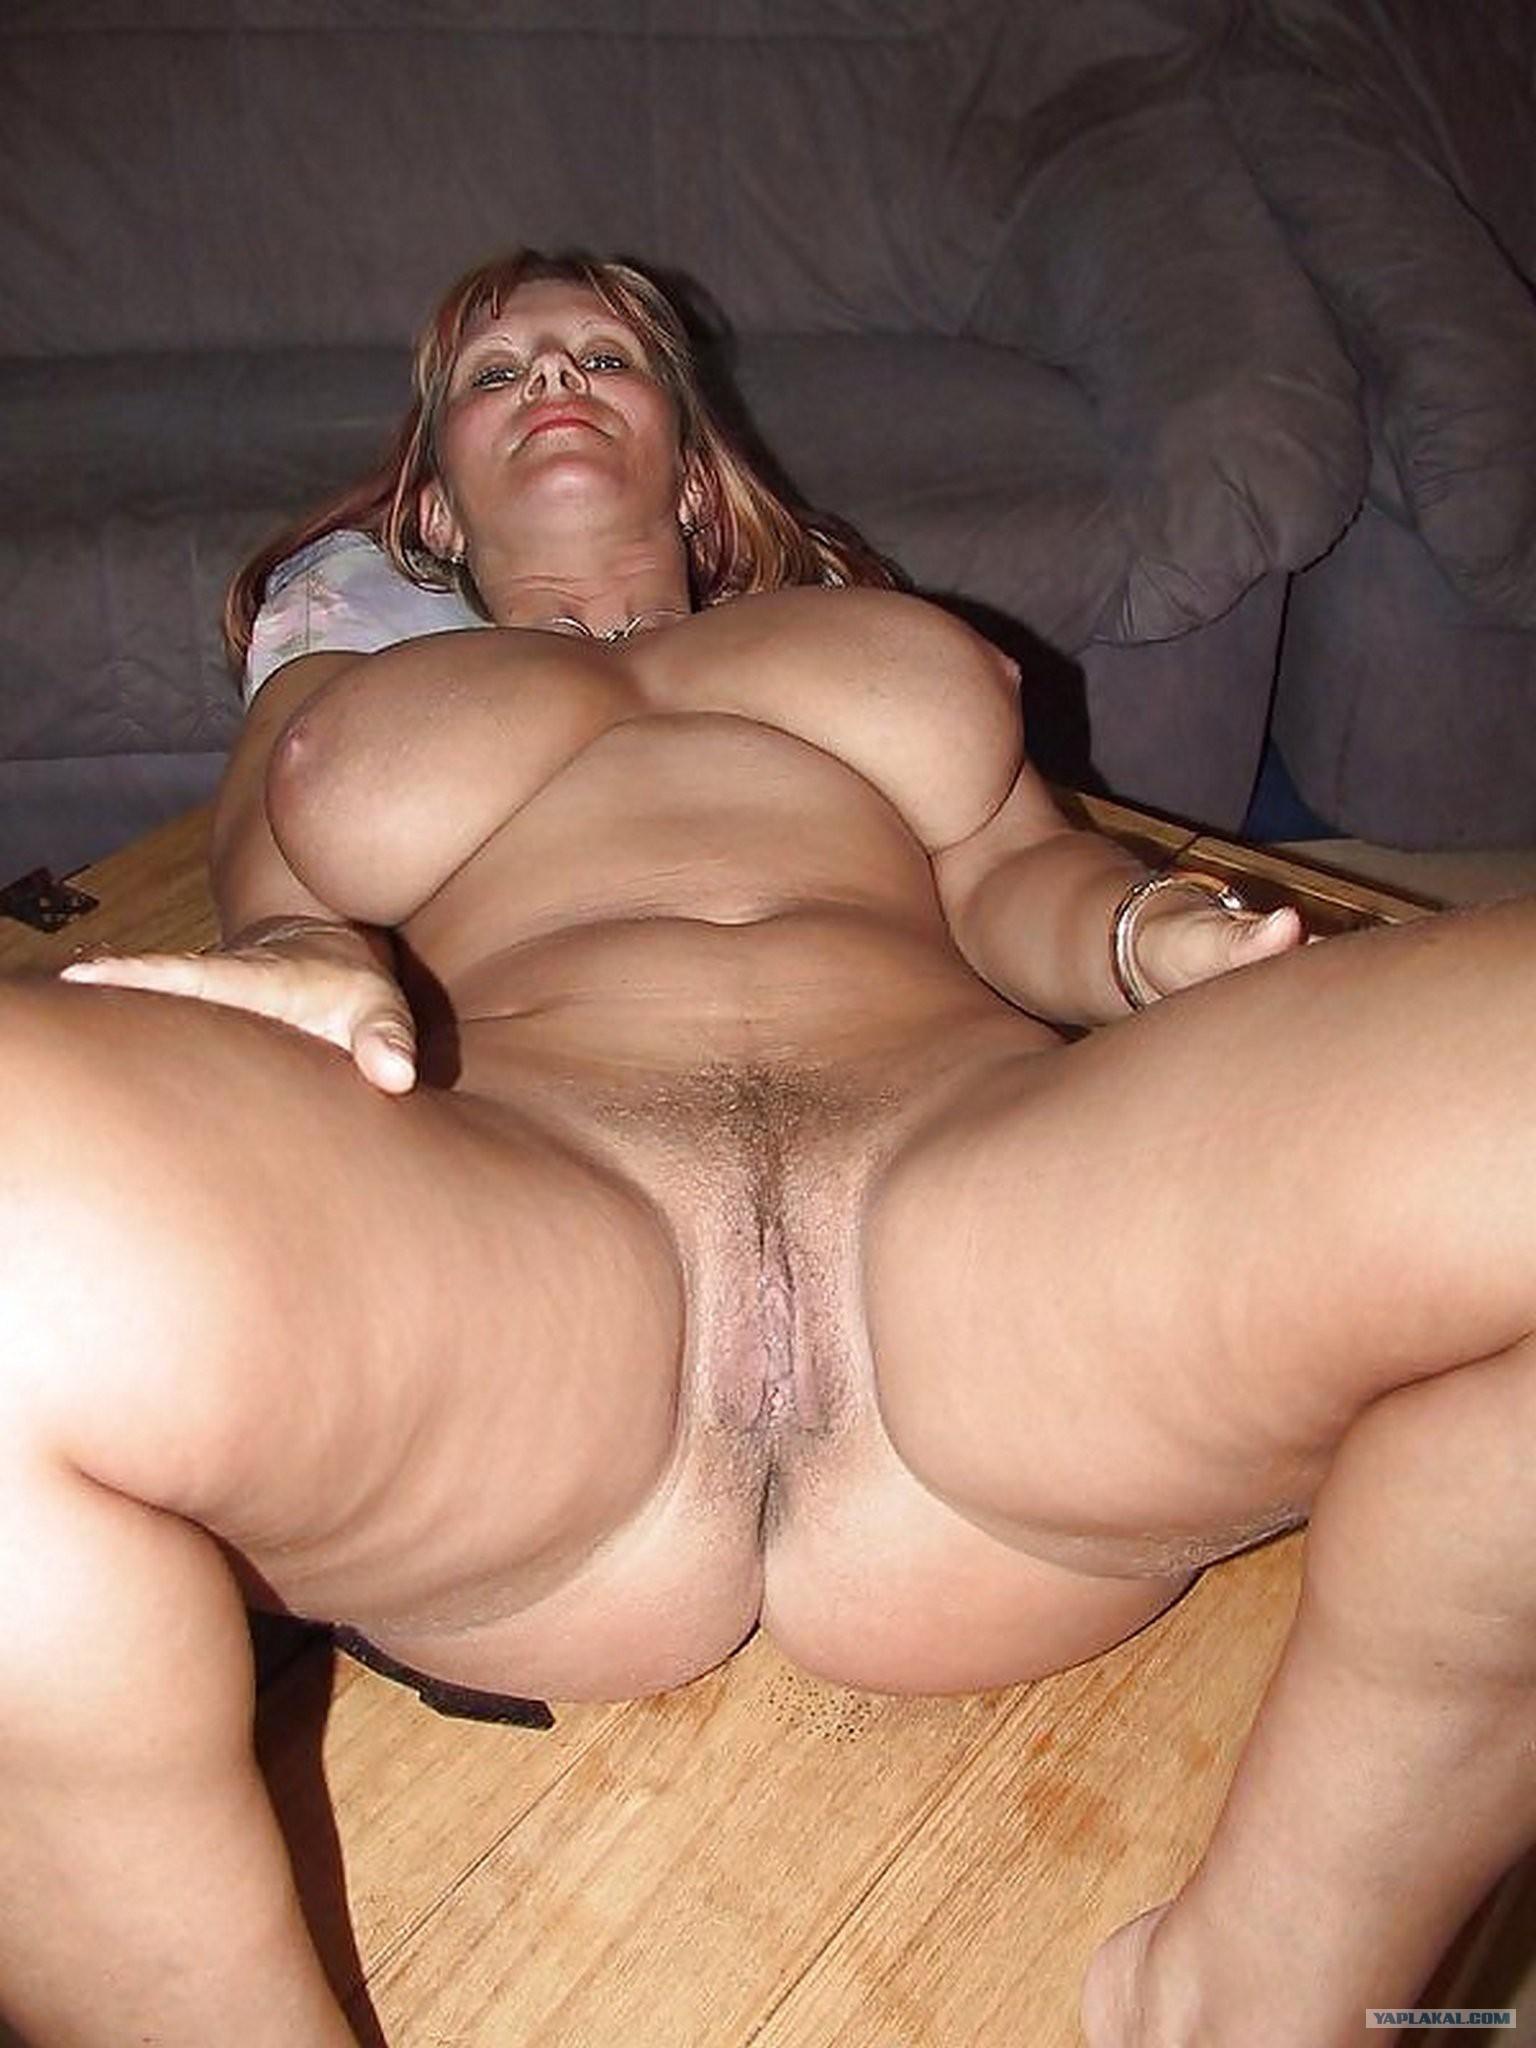 Смотреть секс фото полной женщины за 30 15 фотография